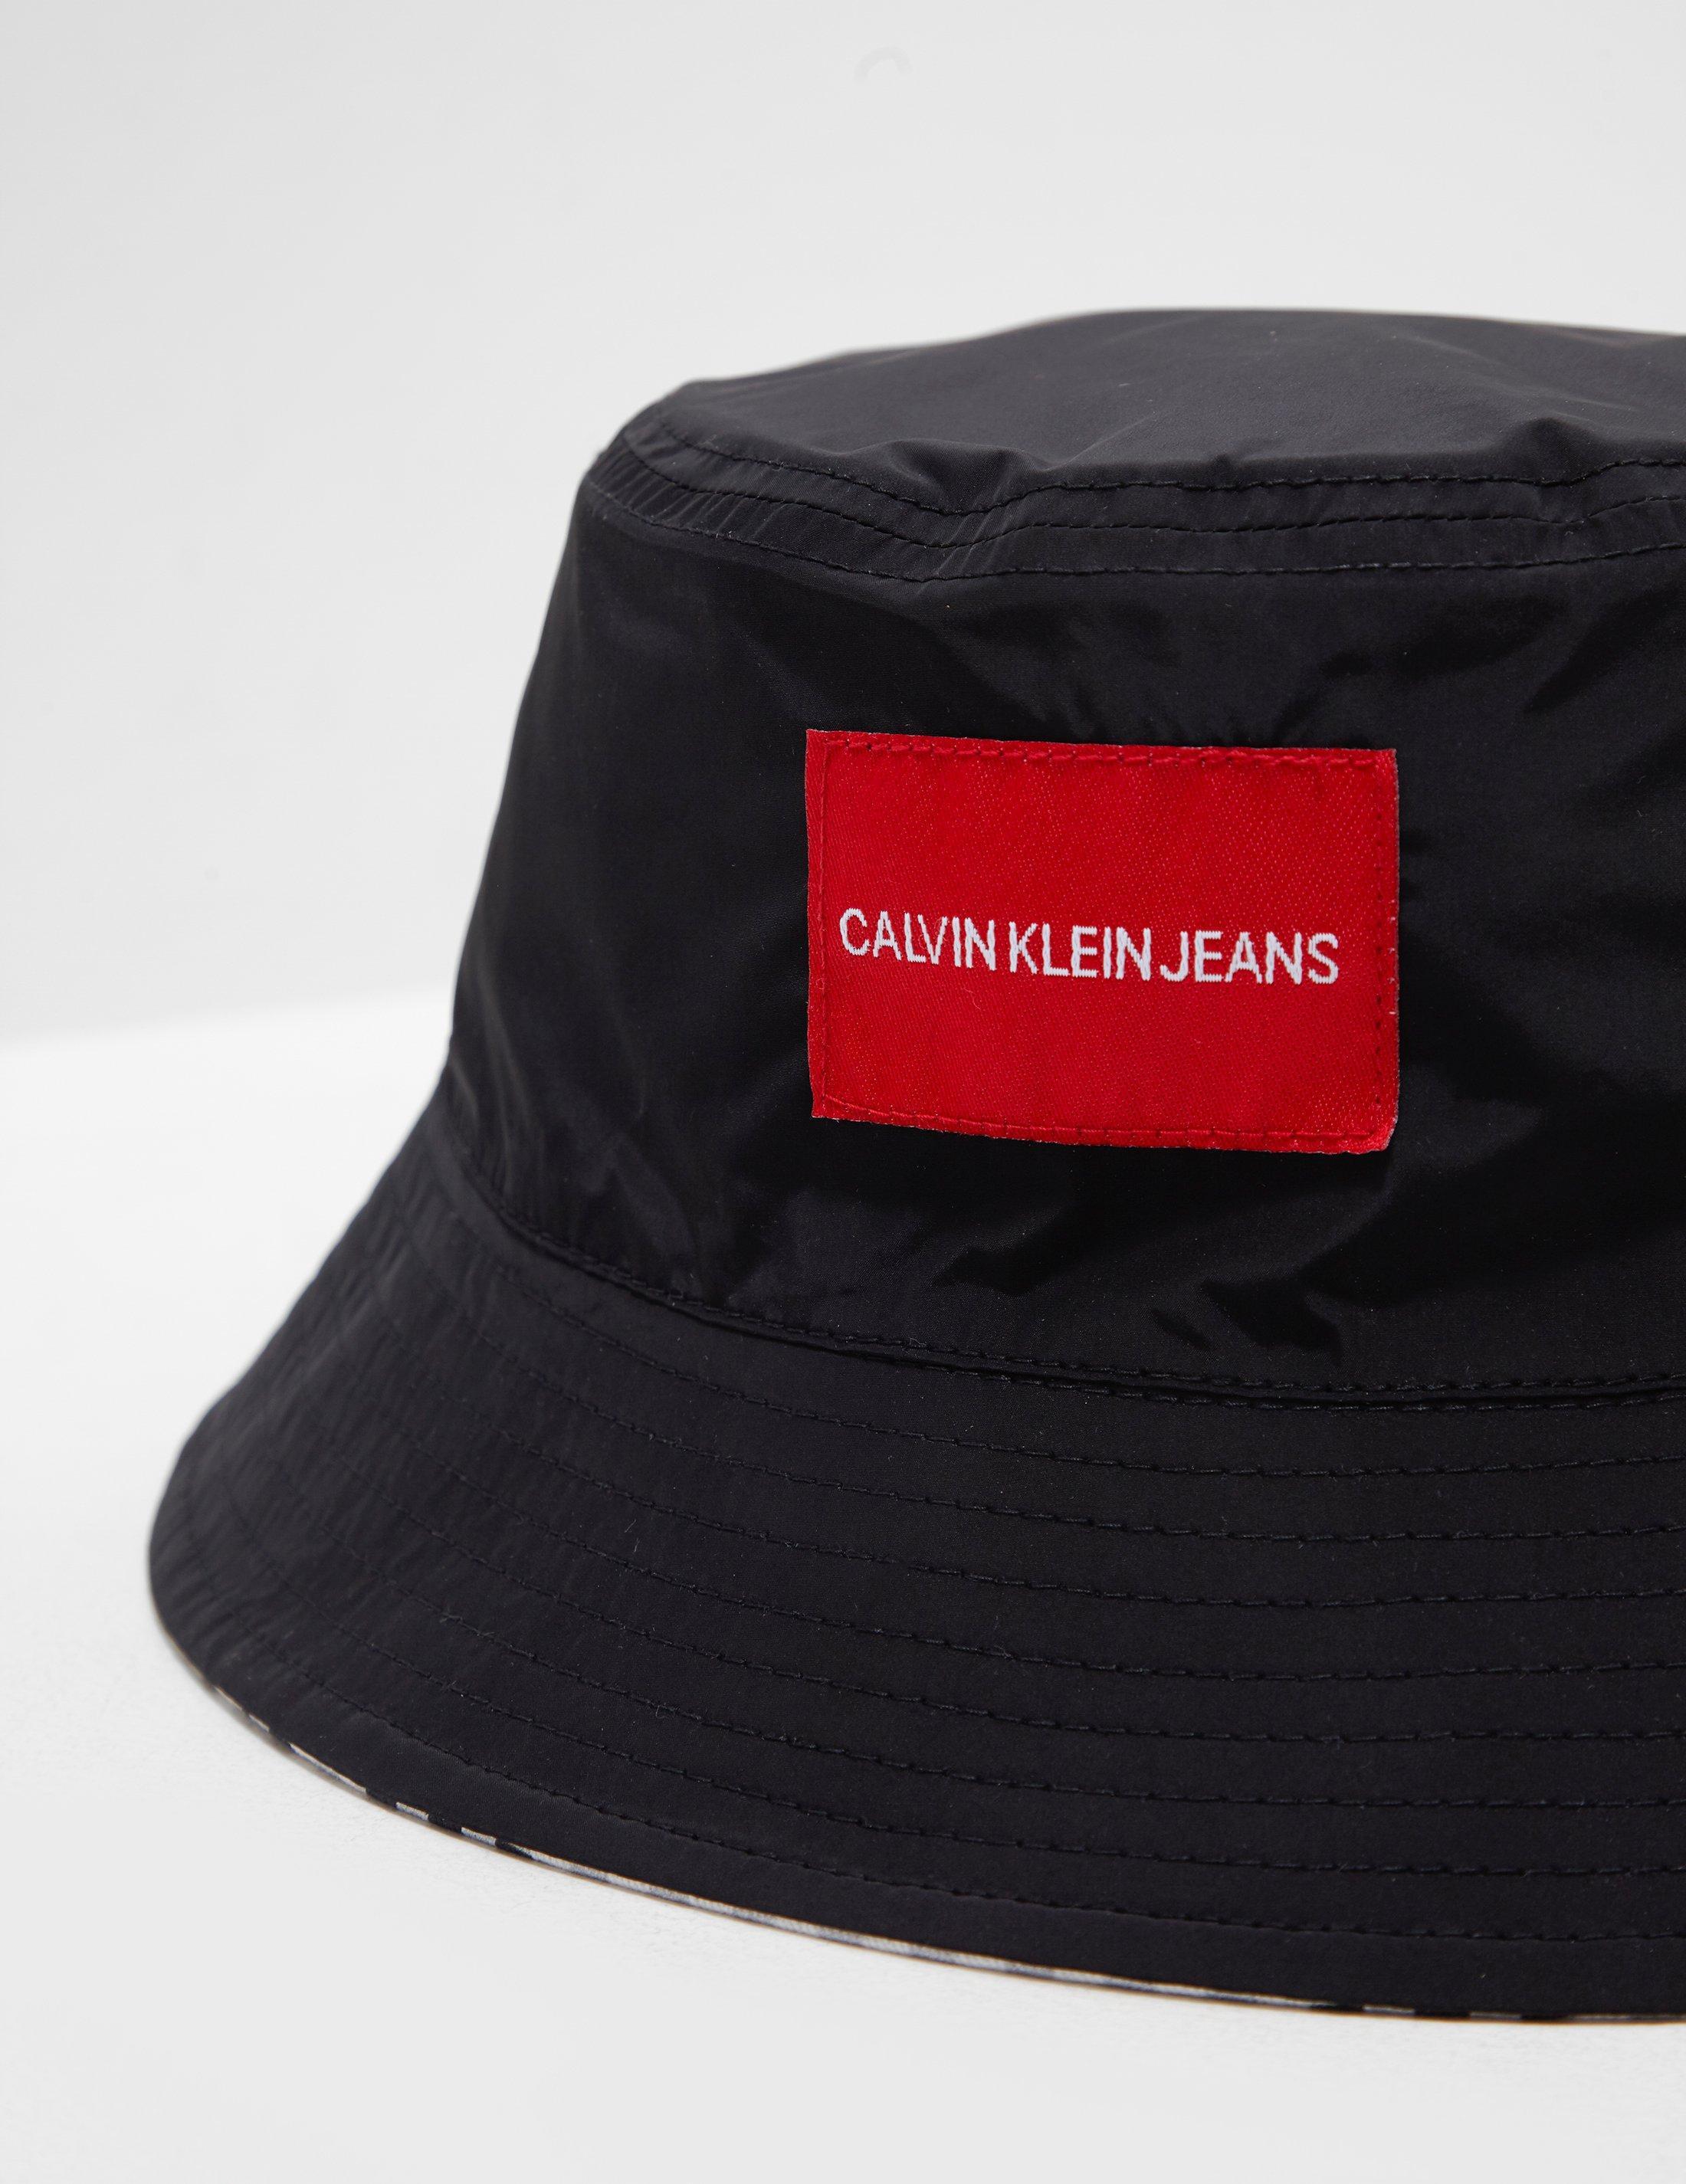 Lyst - Calvin Klein Womens Reversible Bucket Hat - Online Exclusive ... dec2b49d852